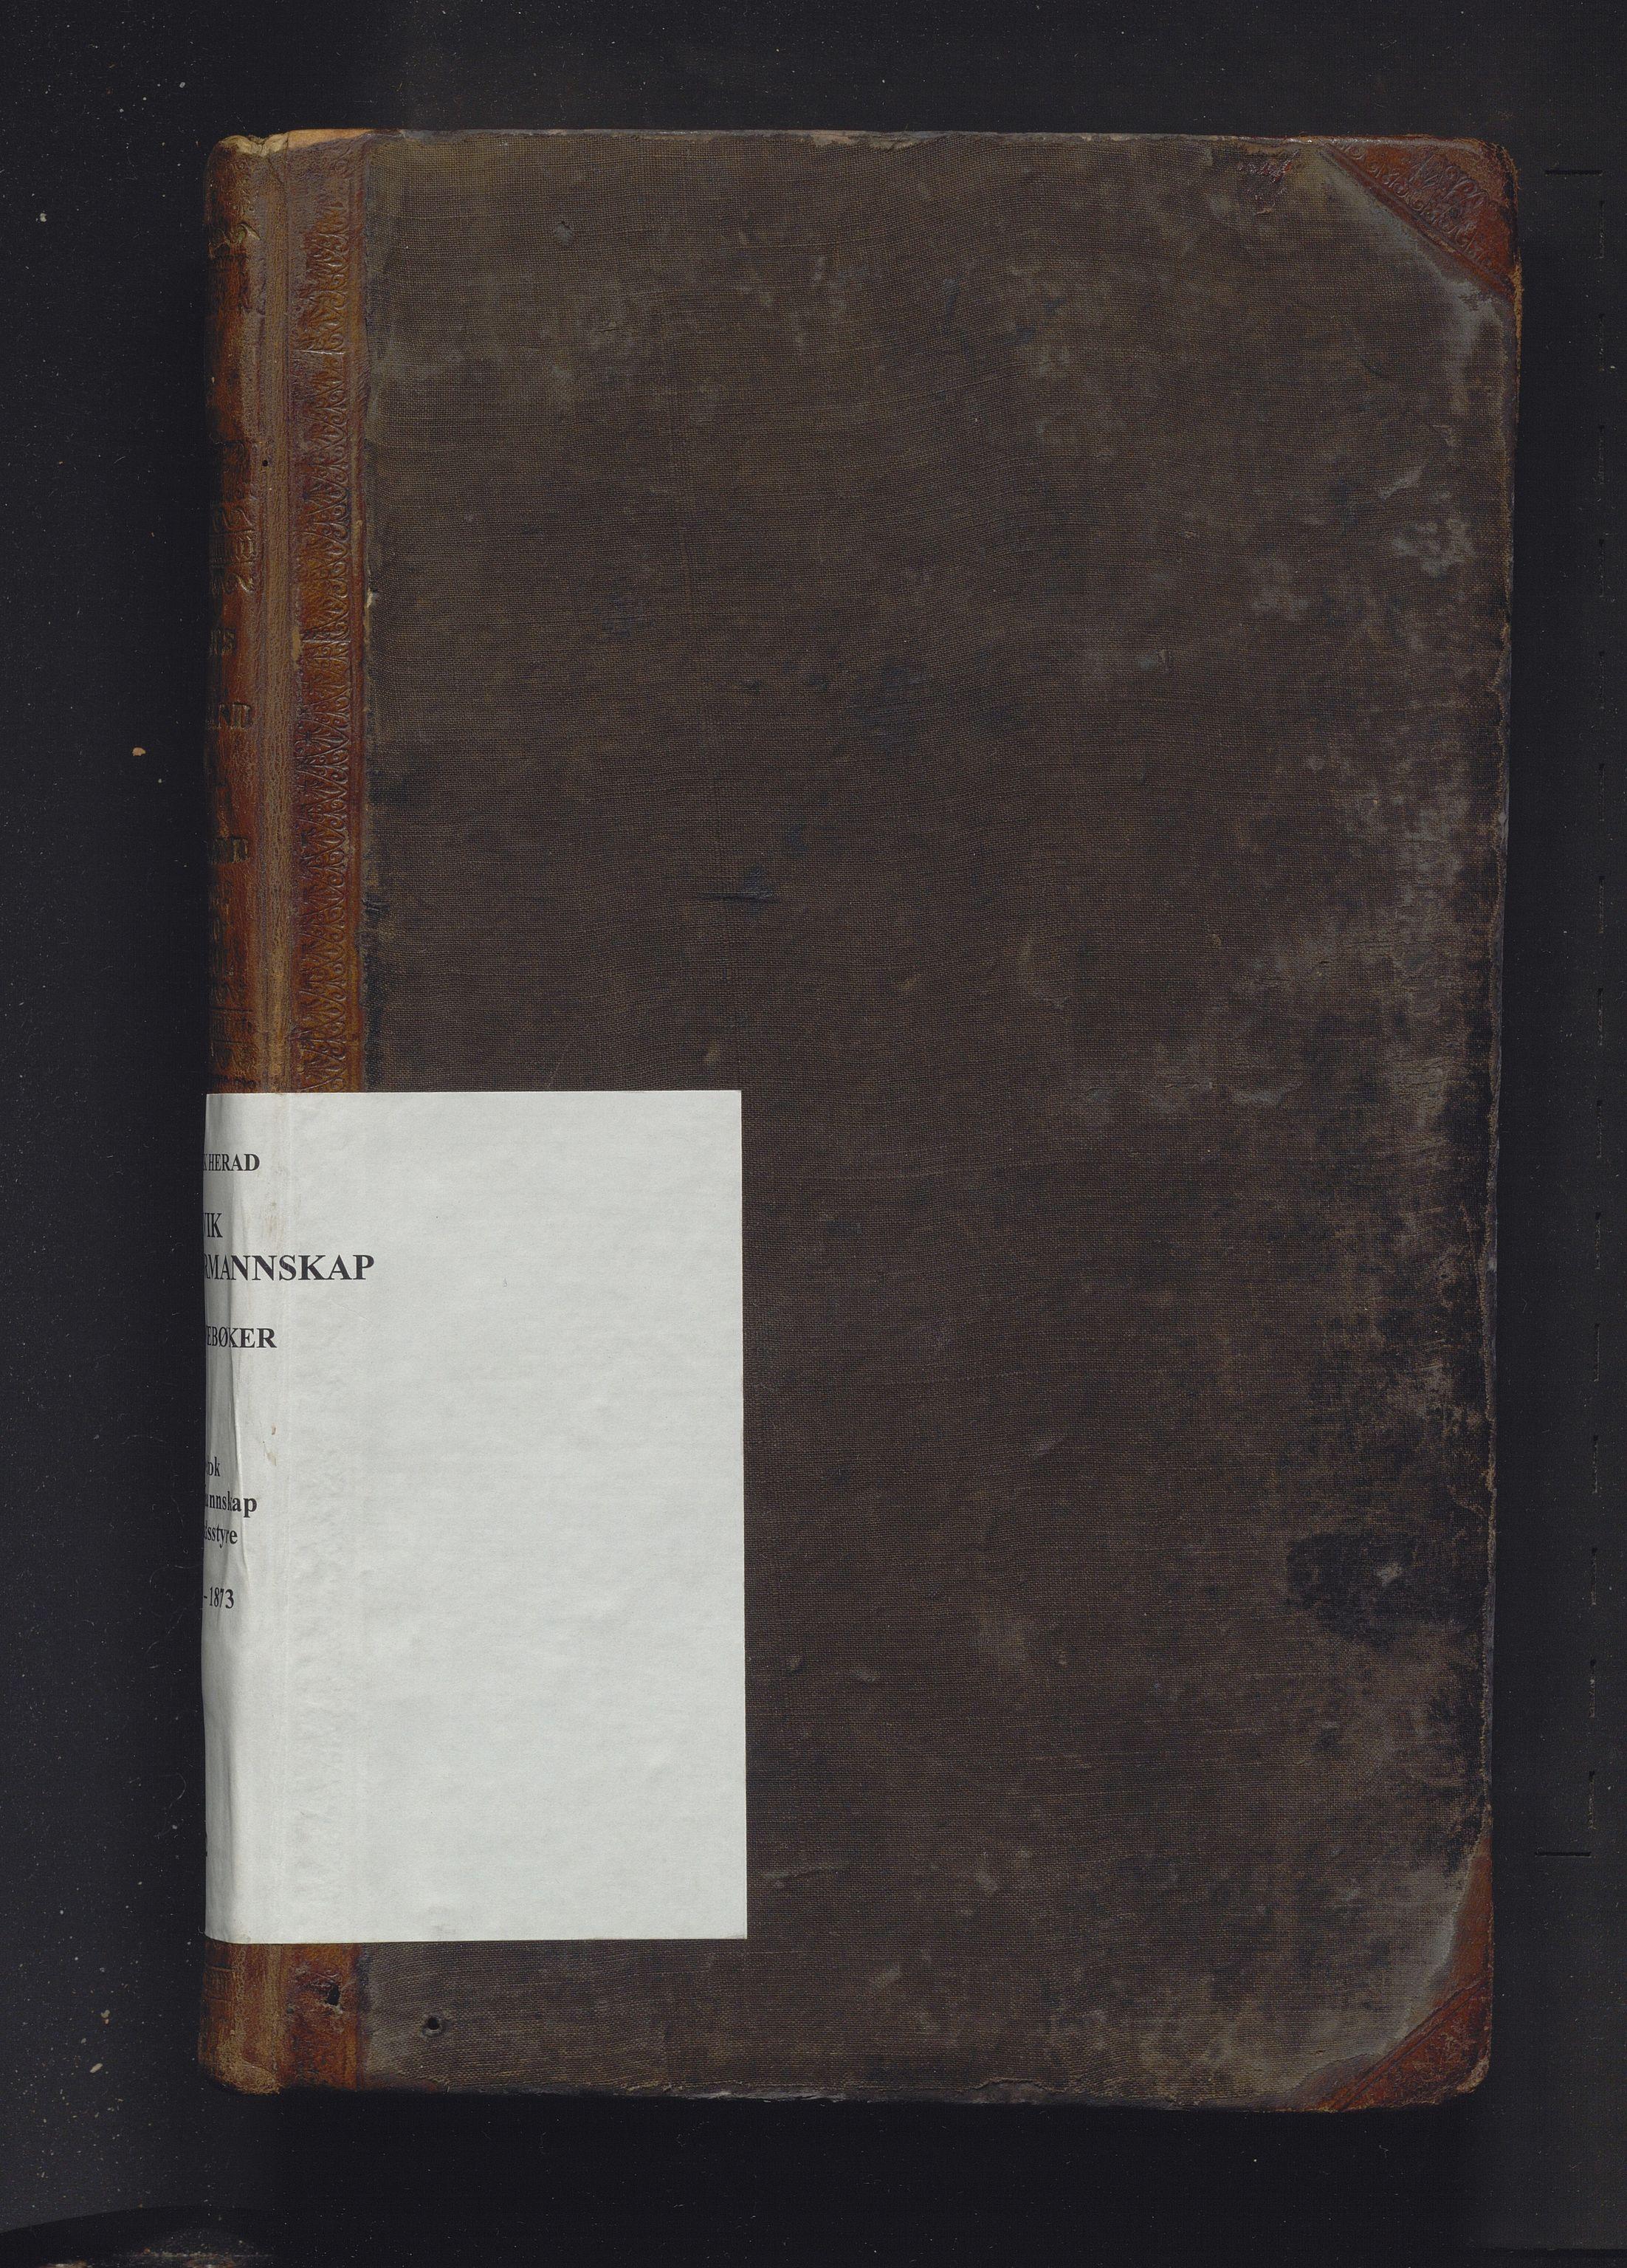 IKAH, Ulvik herad. Formannskapet, A/Aa/Aaa/L0002: Møtebok for formannskap, heradsstyre og soknestyra i Eidfjord, Graven og Ulvik soknekommunar, 1860-1873